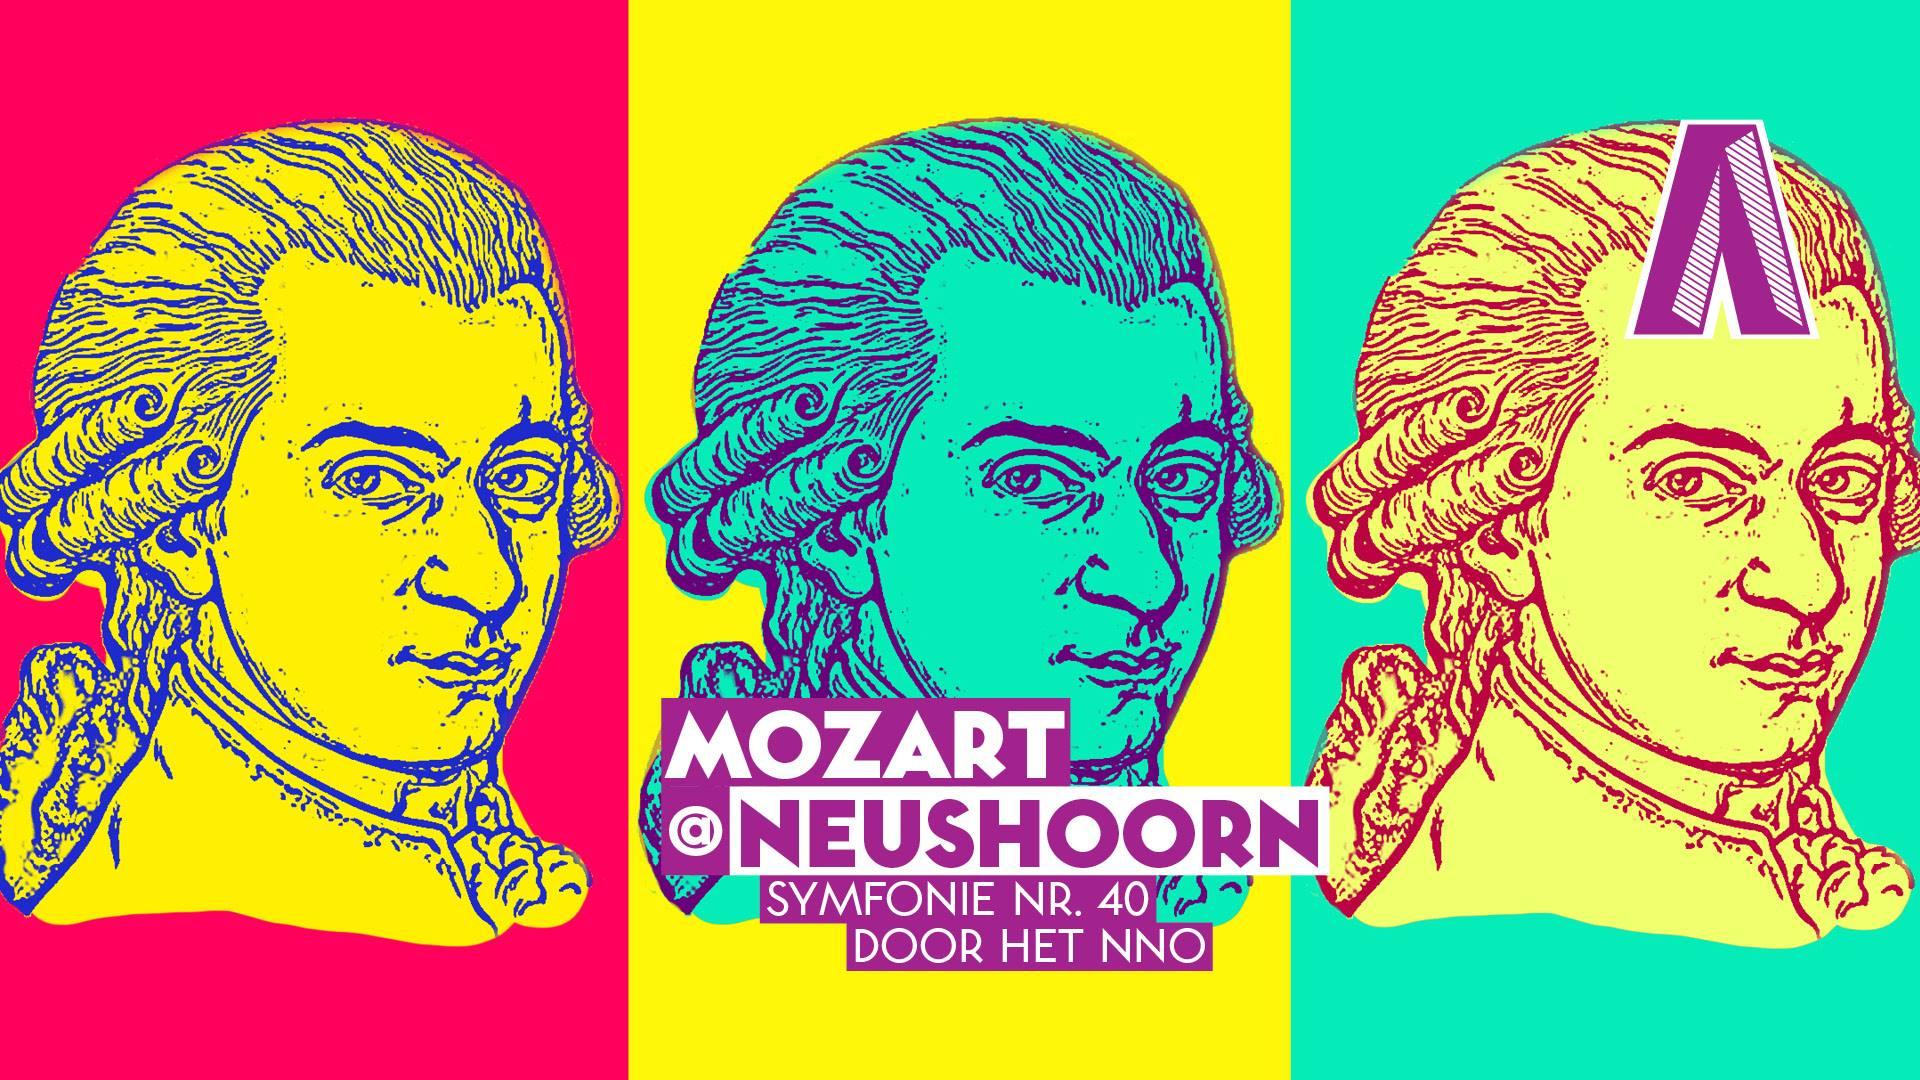 Mozart in Neushoorn – Symfonie nr. 40